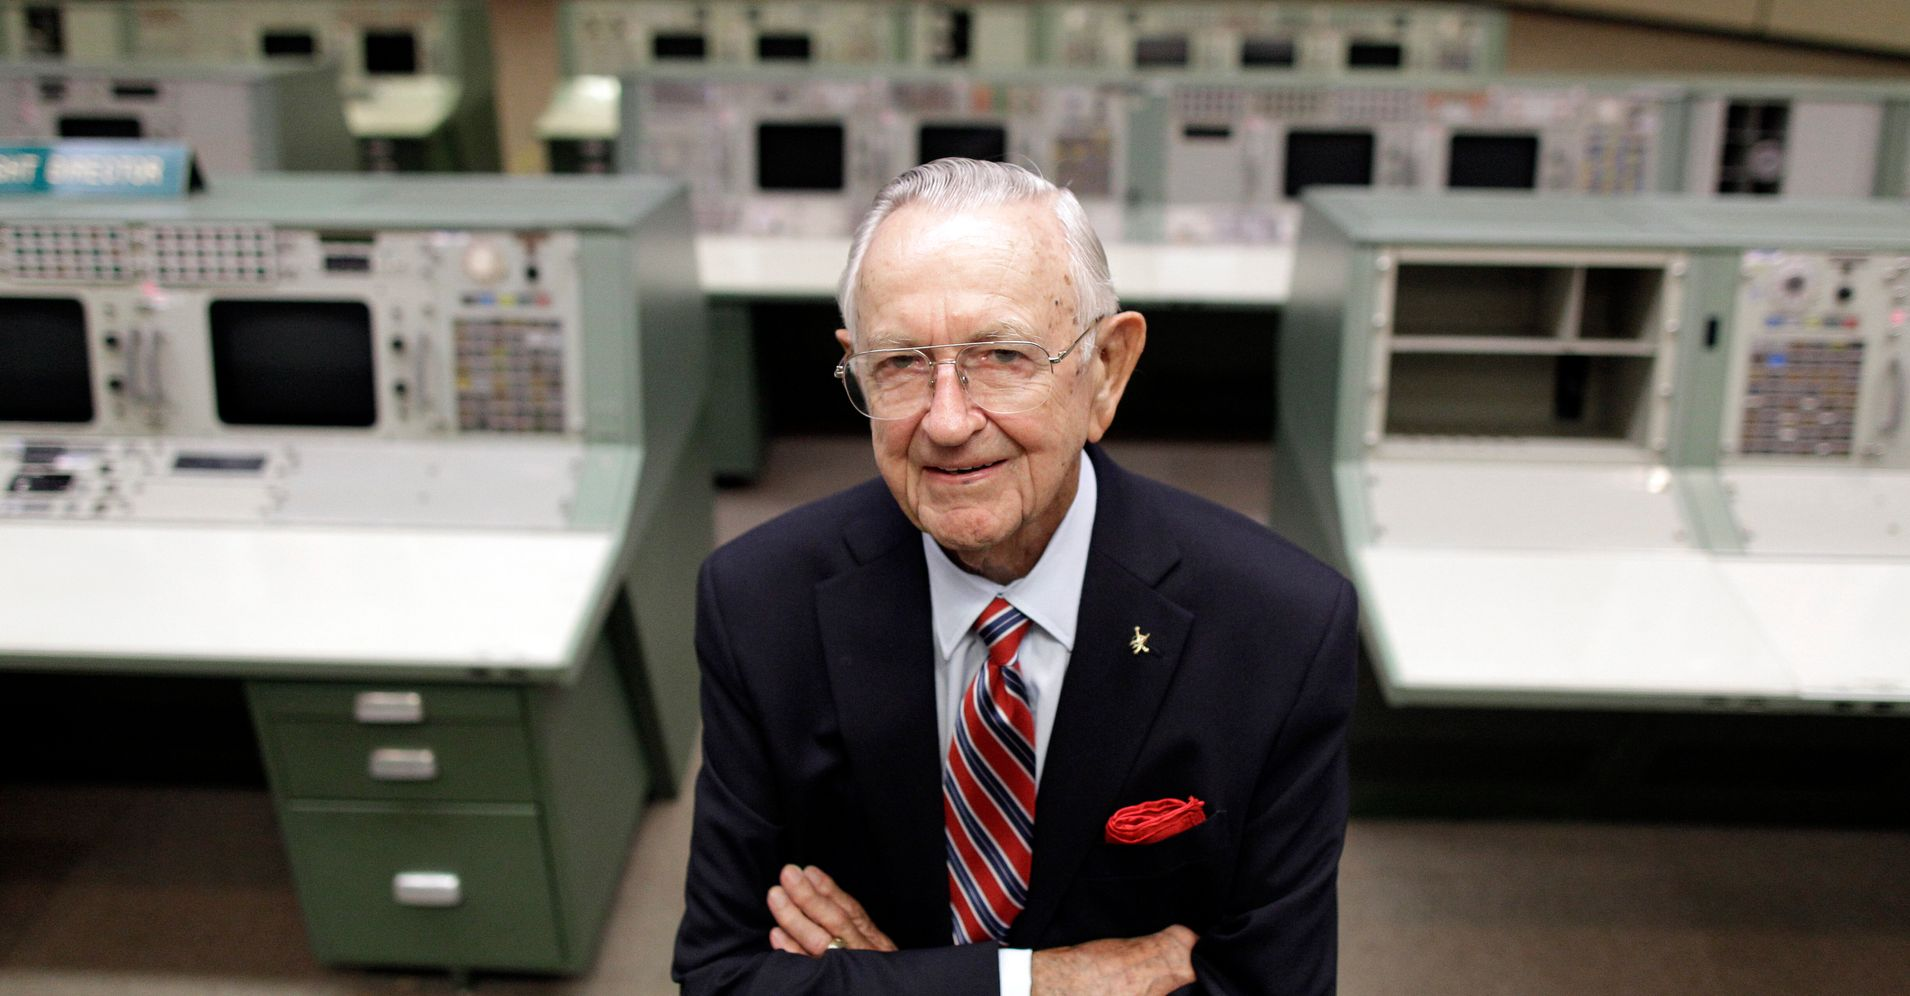 Chris Kraft, NASA's First Flight Director, Dead At 95